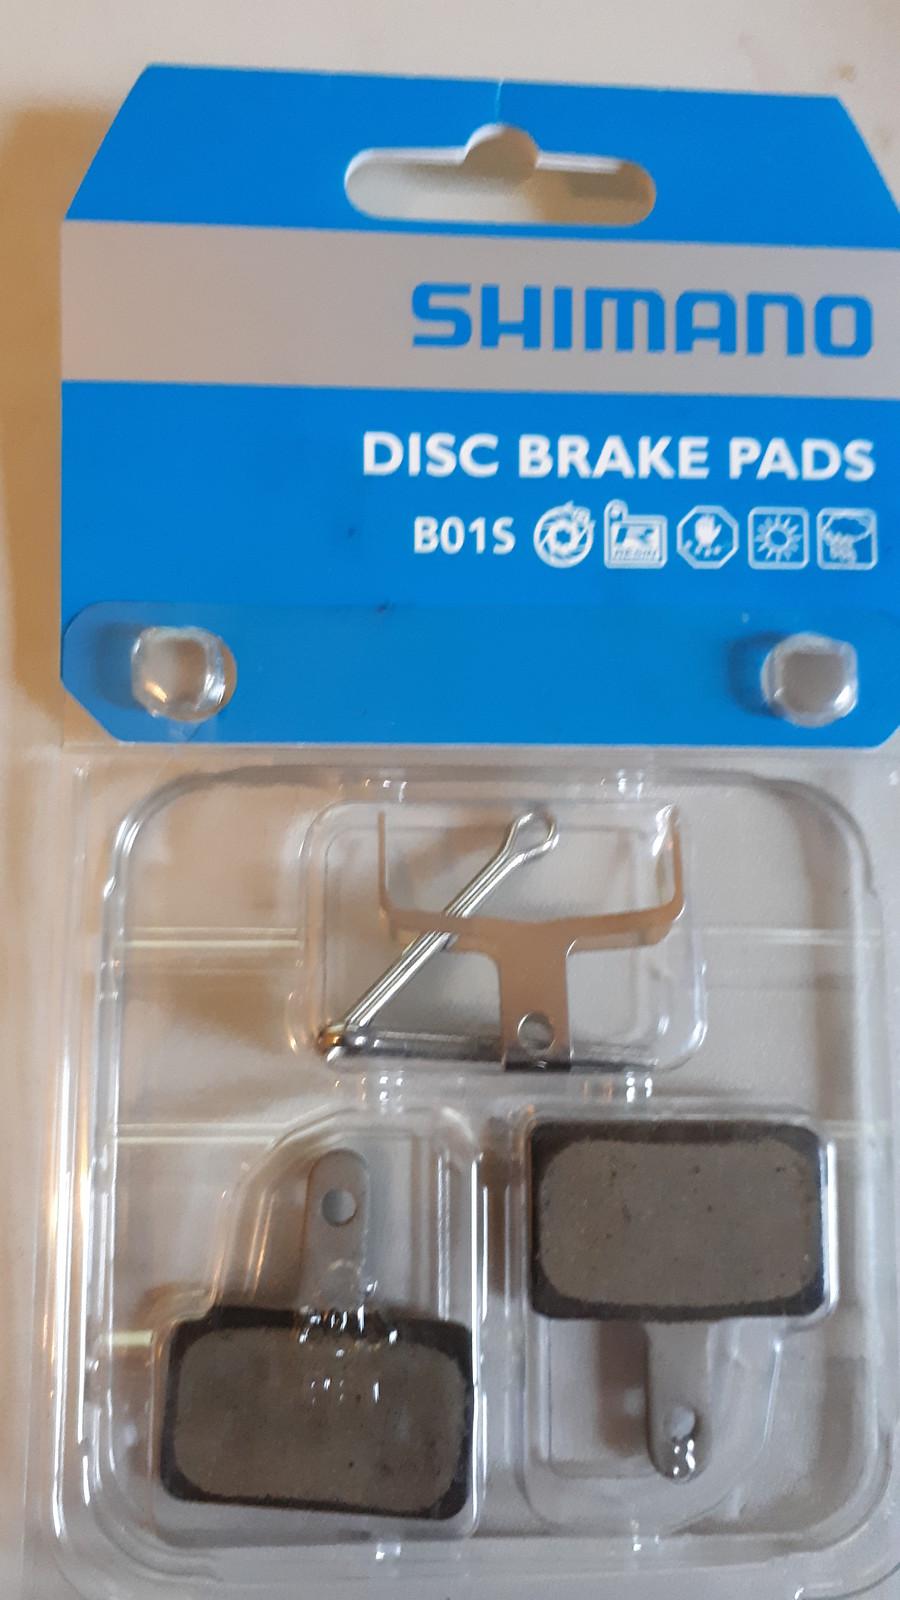 2 Paar Bremsbeläge Disc für Shimano B01S resin organisch Bremsbelag